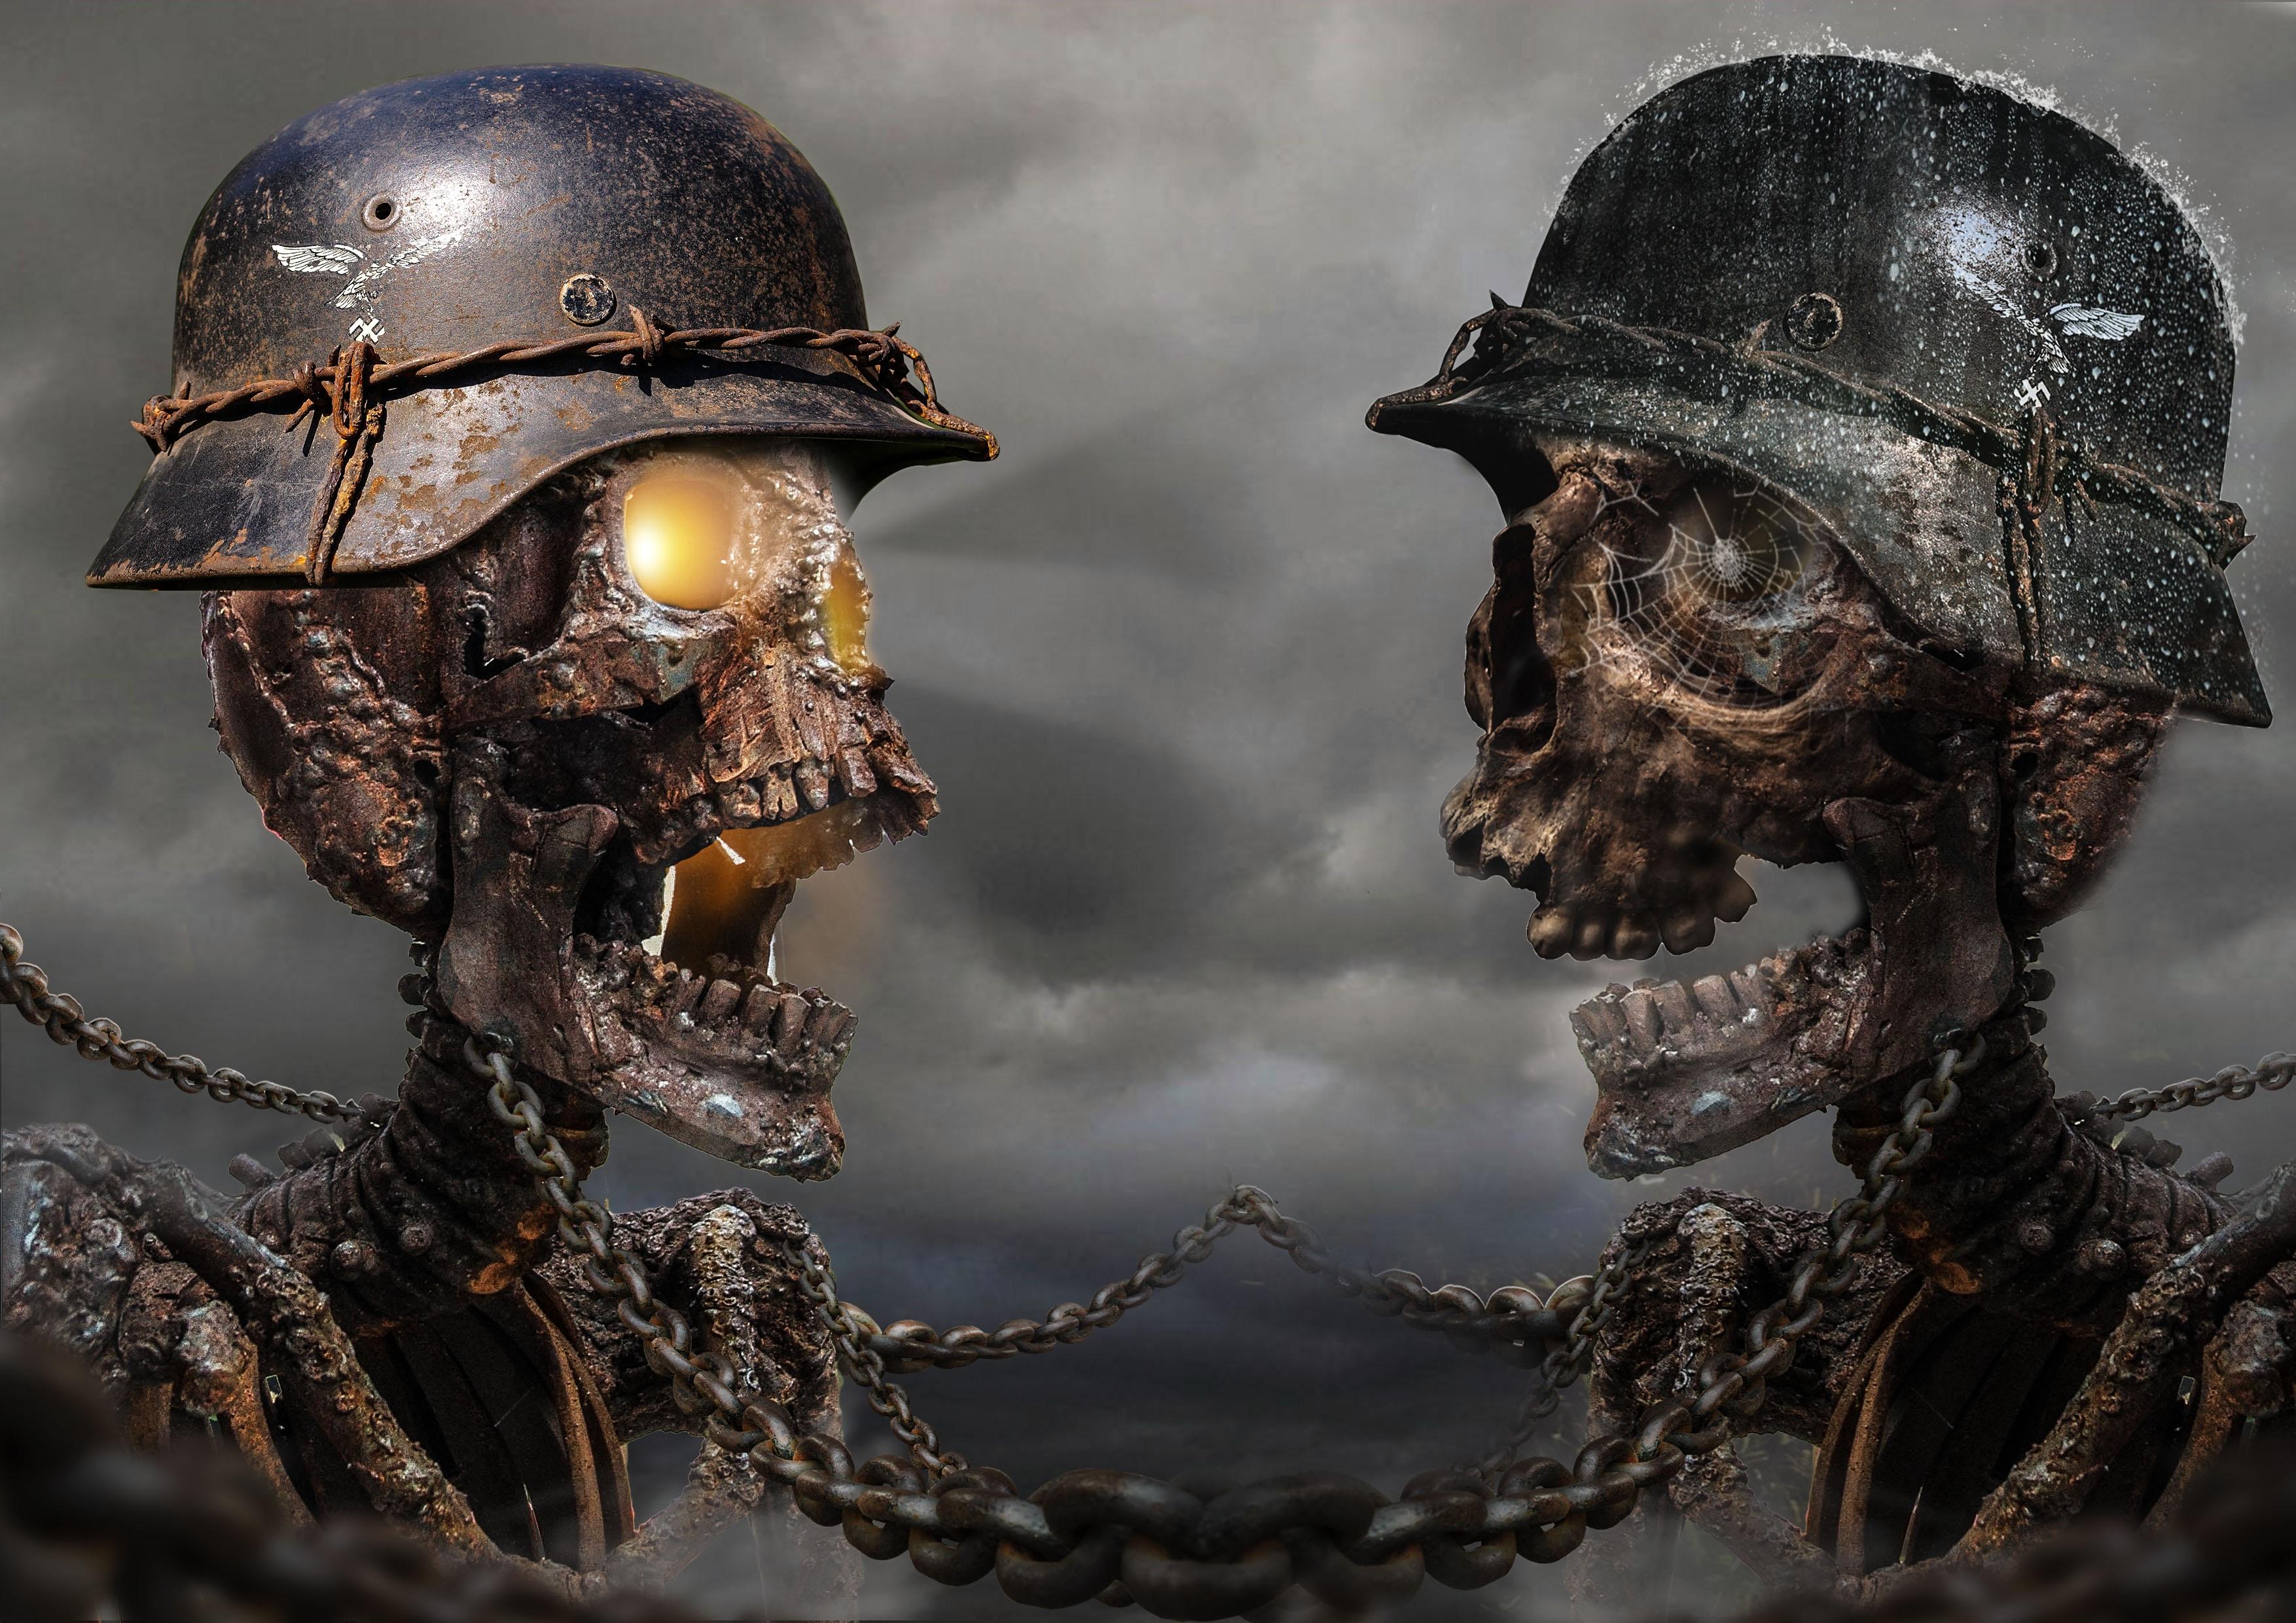 Pubg Helmet Hd Wallpaper: German Soldier Skeletons HD Wallpaper